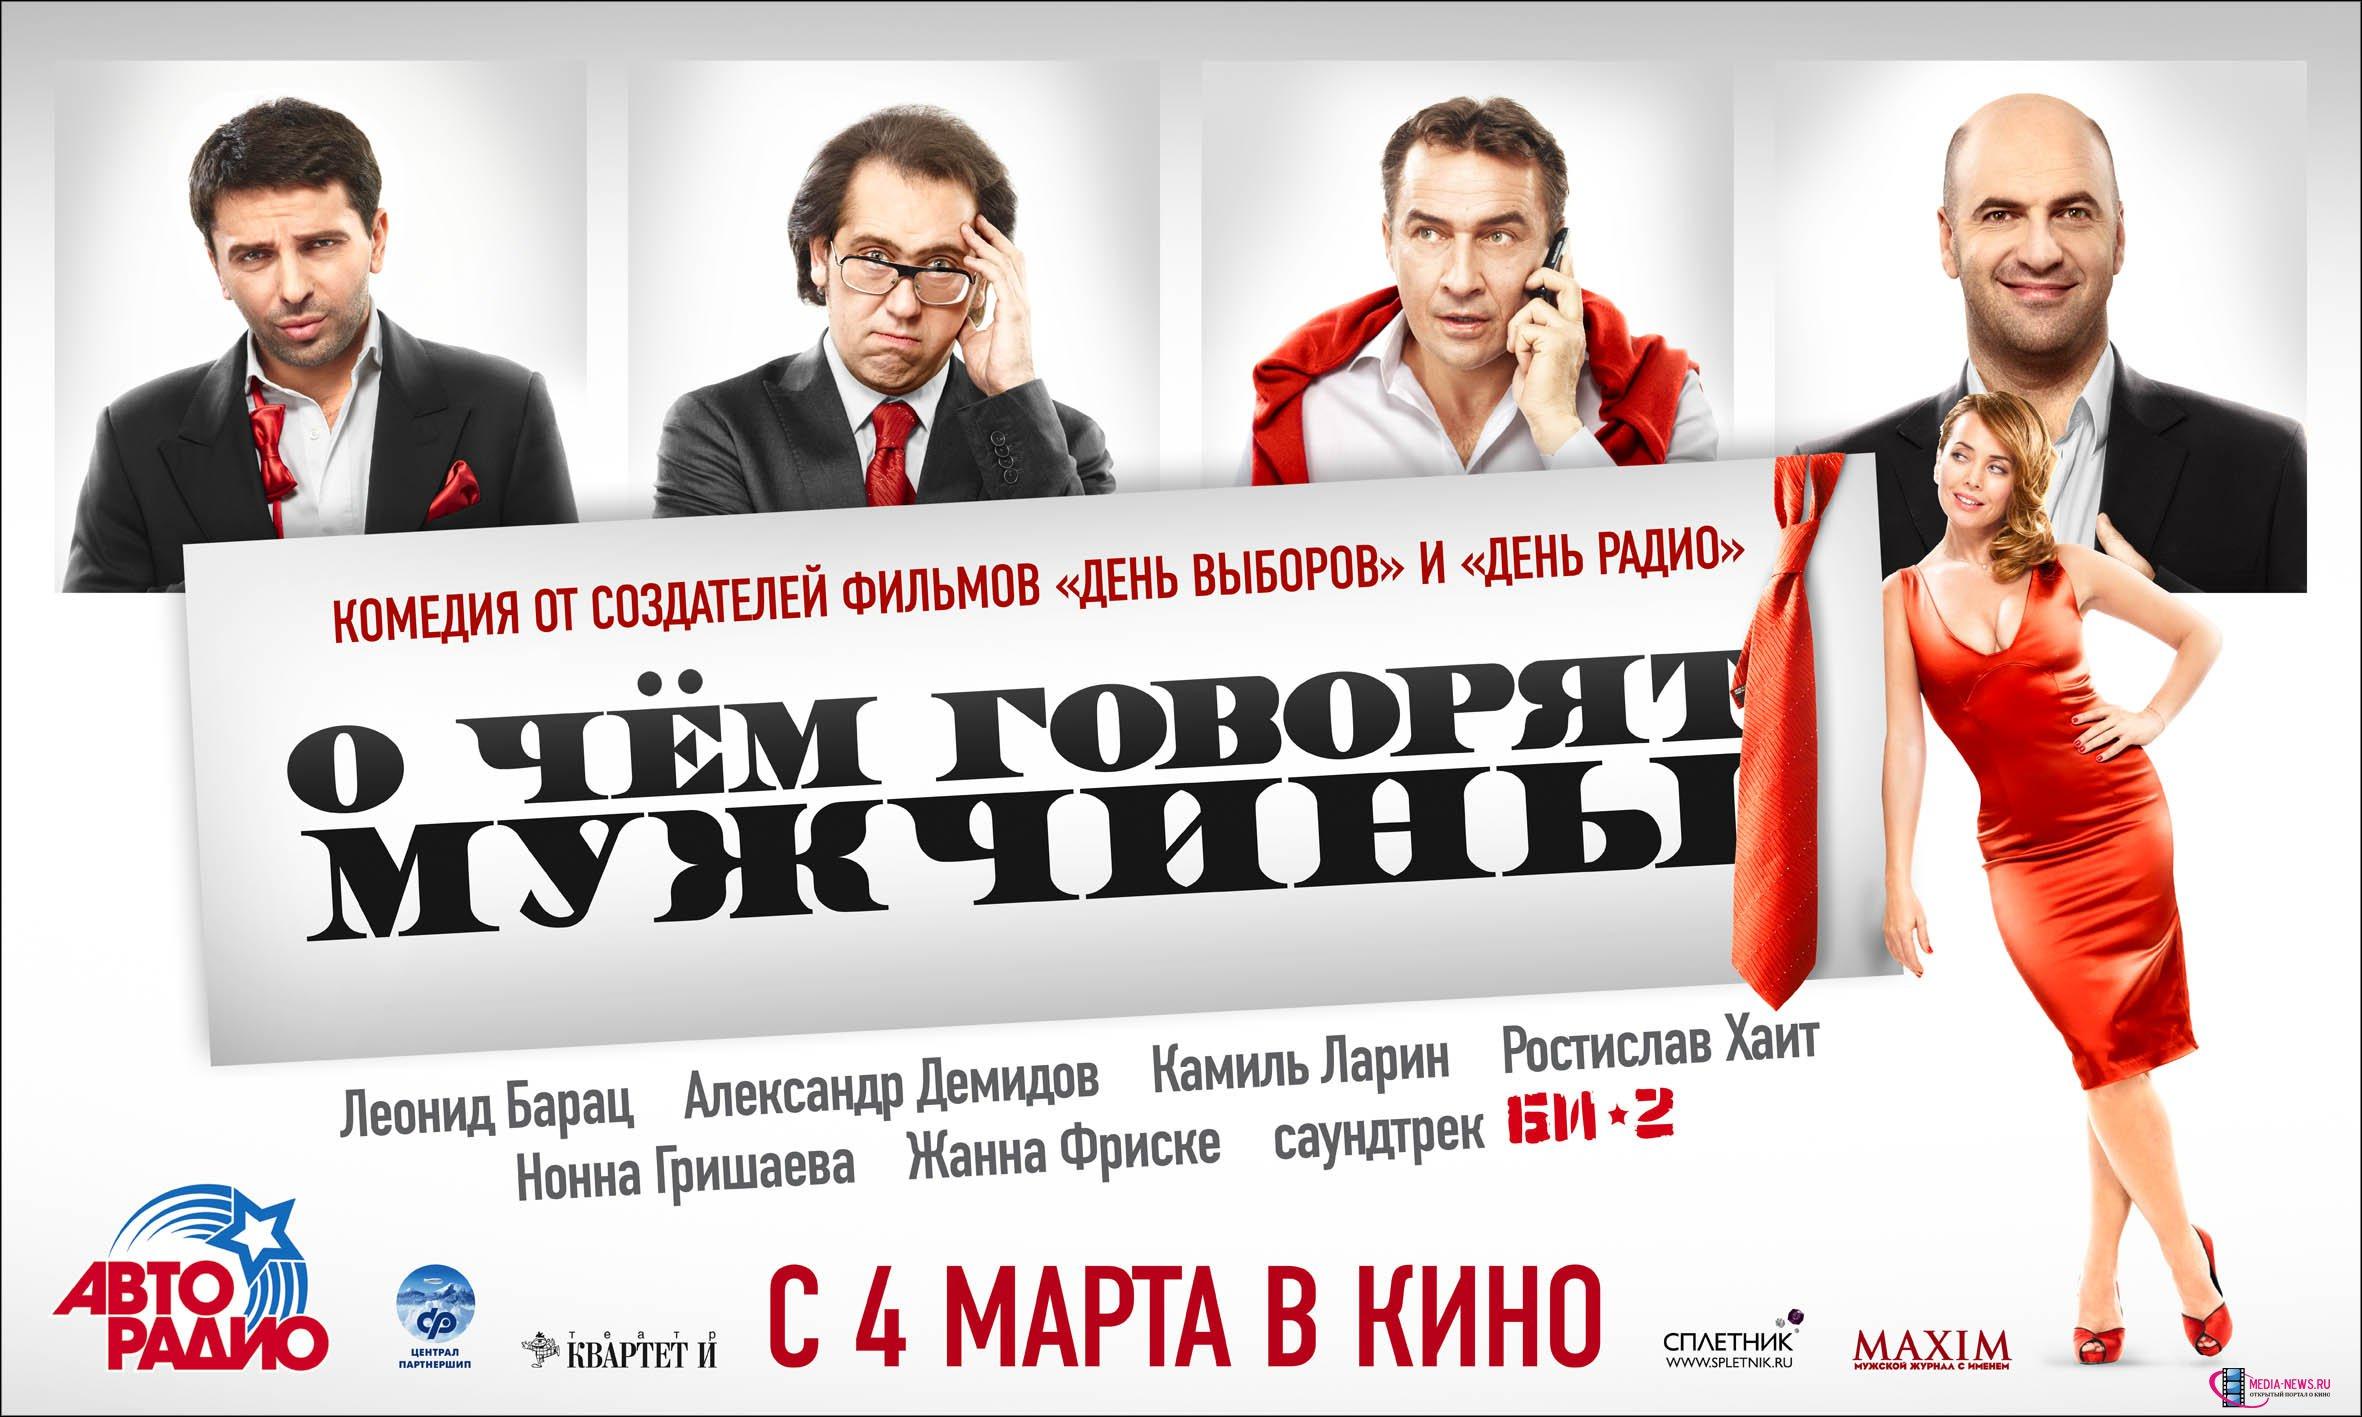 1268906113_ochemgovorjatmuzhchiny_1.jpg